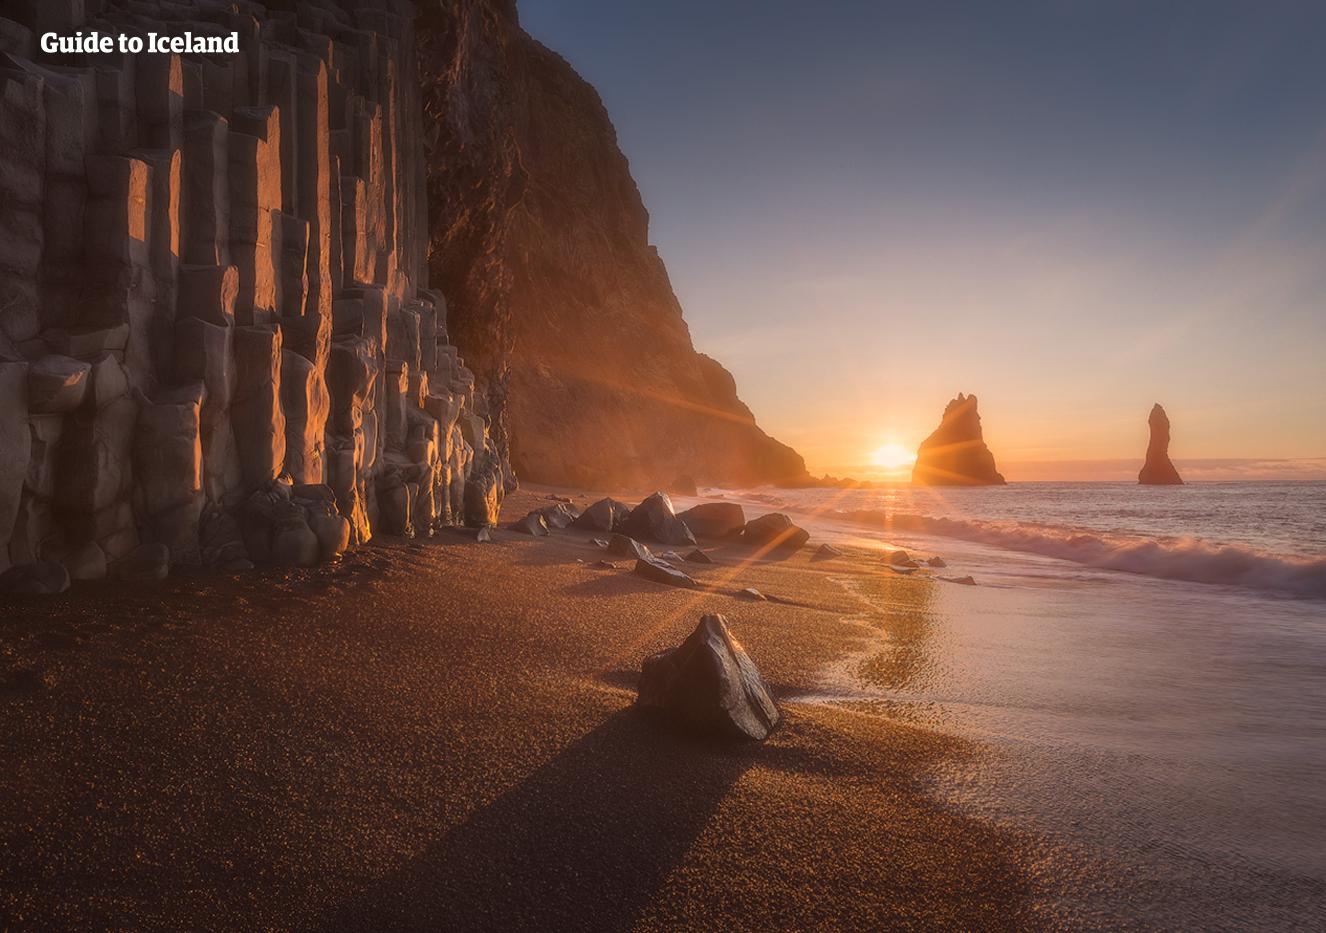 冰岛南岸的雷尼斯黑沙滩被冬日暖阳照耀